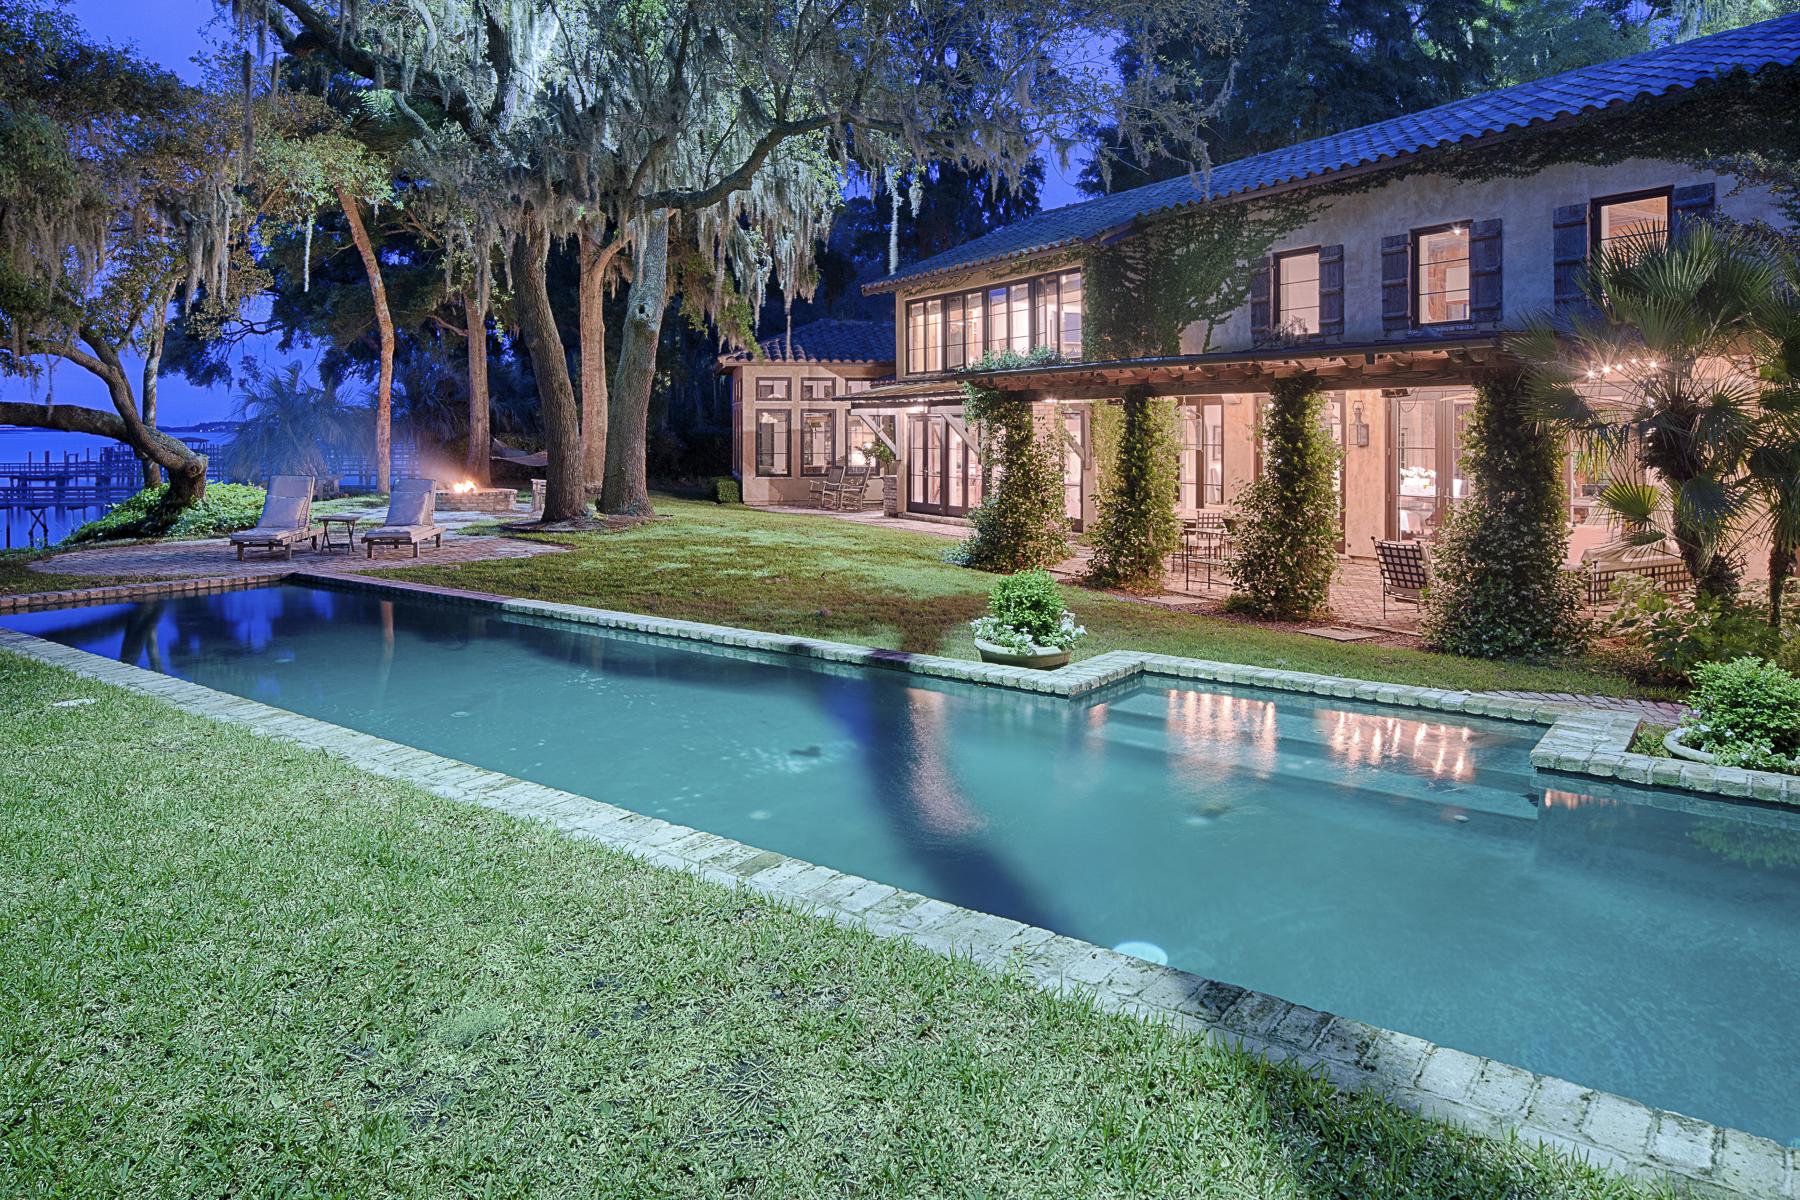 独户住宅 为 销售 在 54 Brams Point Road Spanish Wells, 希尔顿黑德岛, 南卡罗来纳州 29926 美国